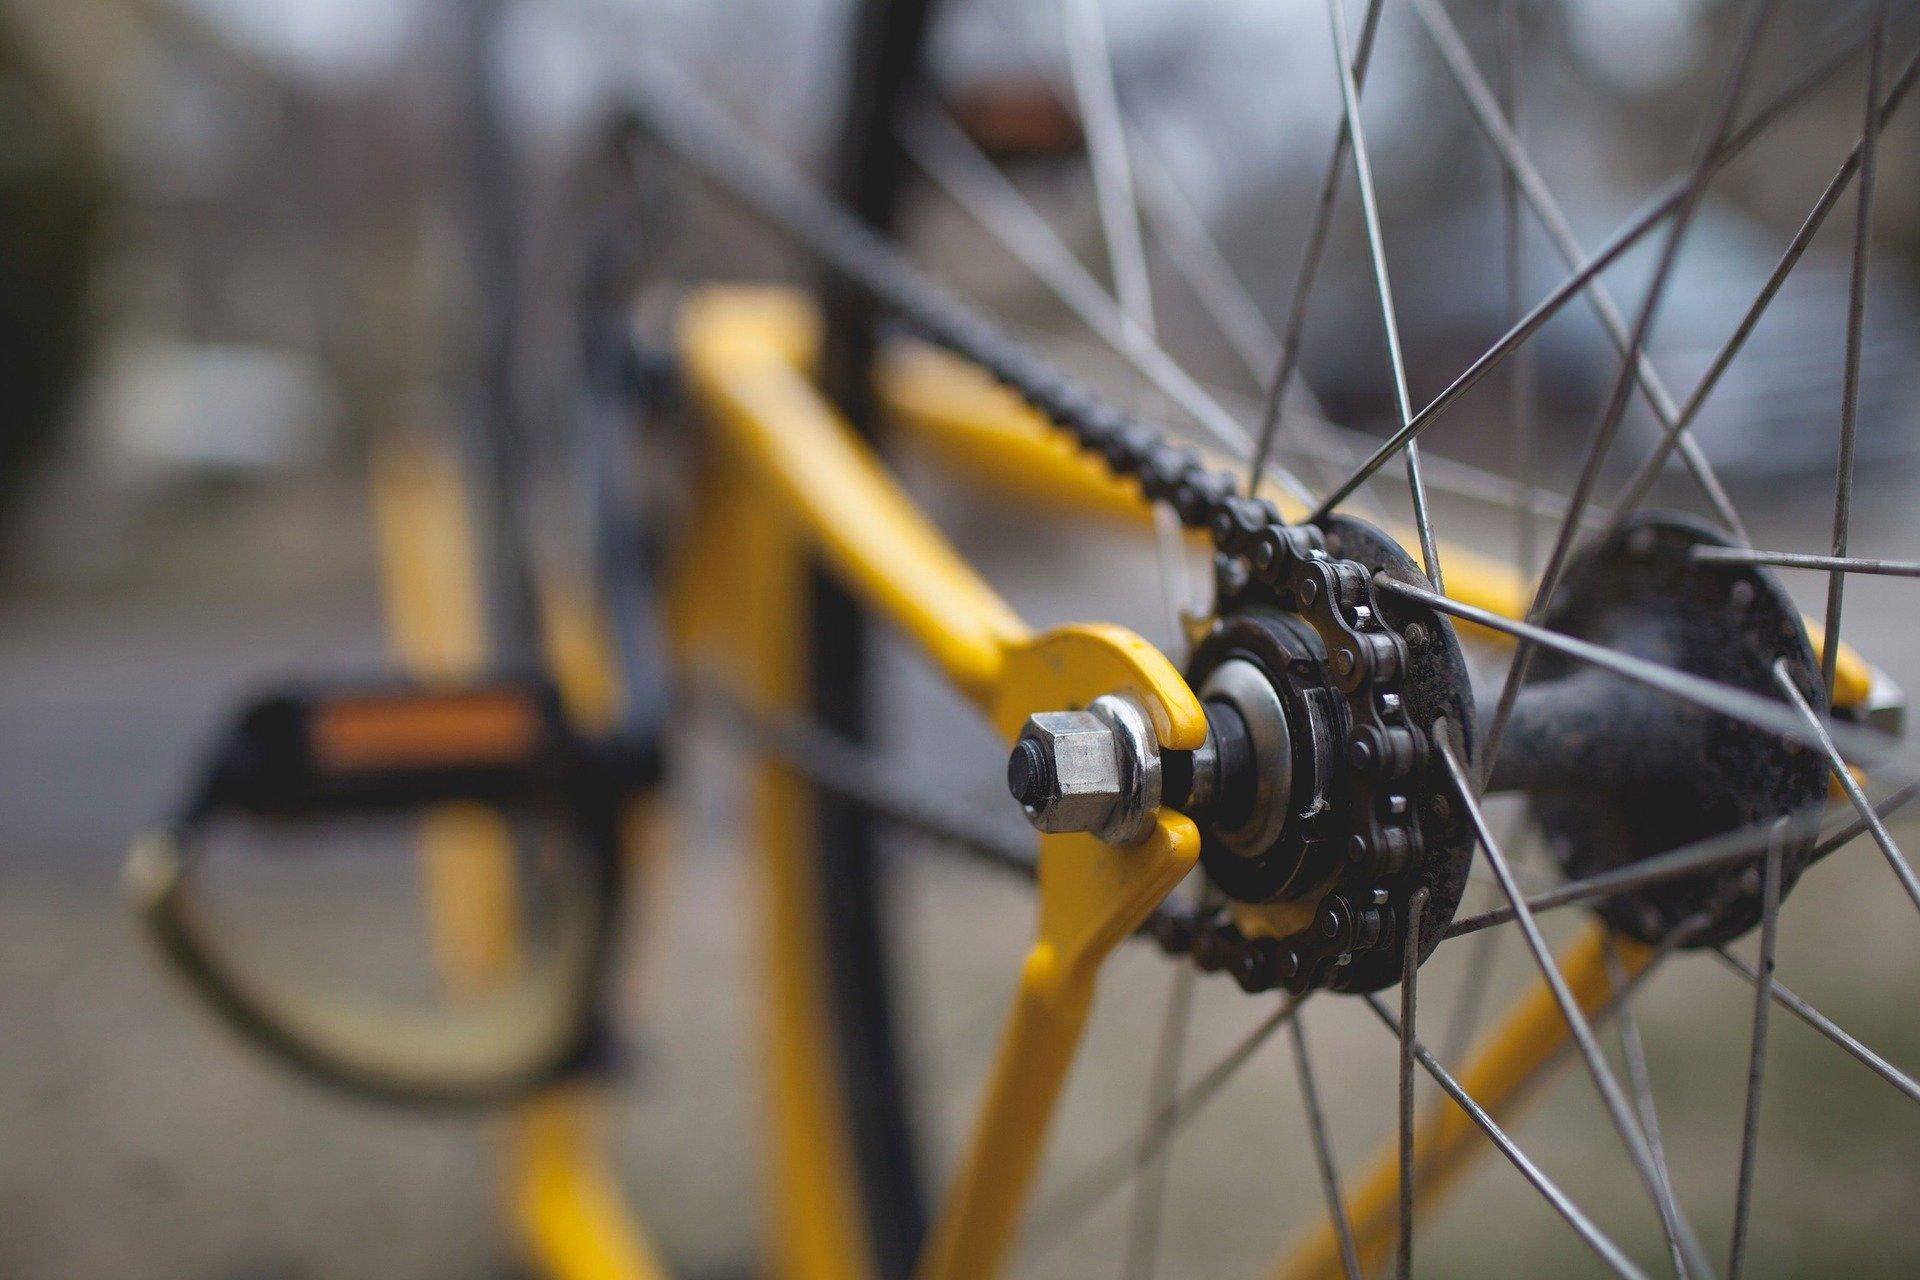 Background image bike spokes